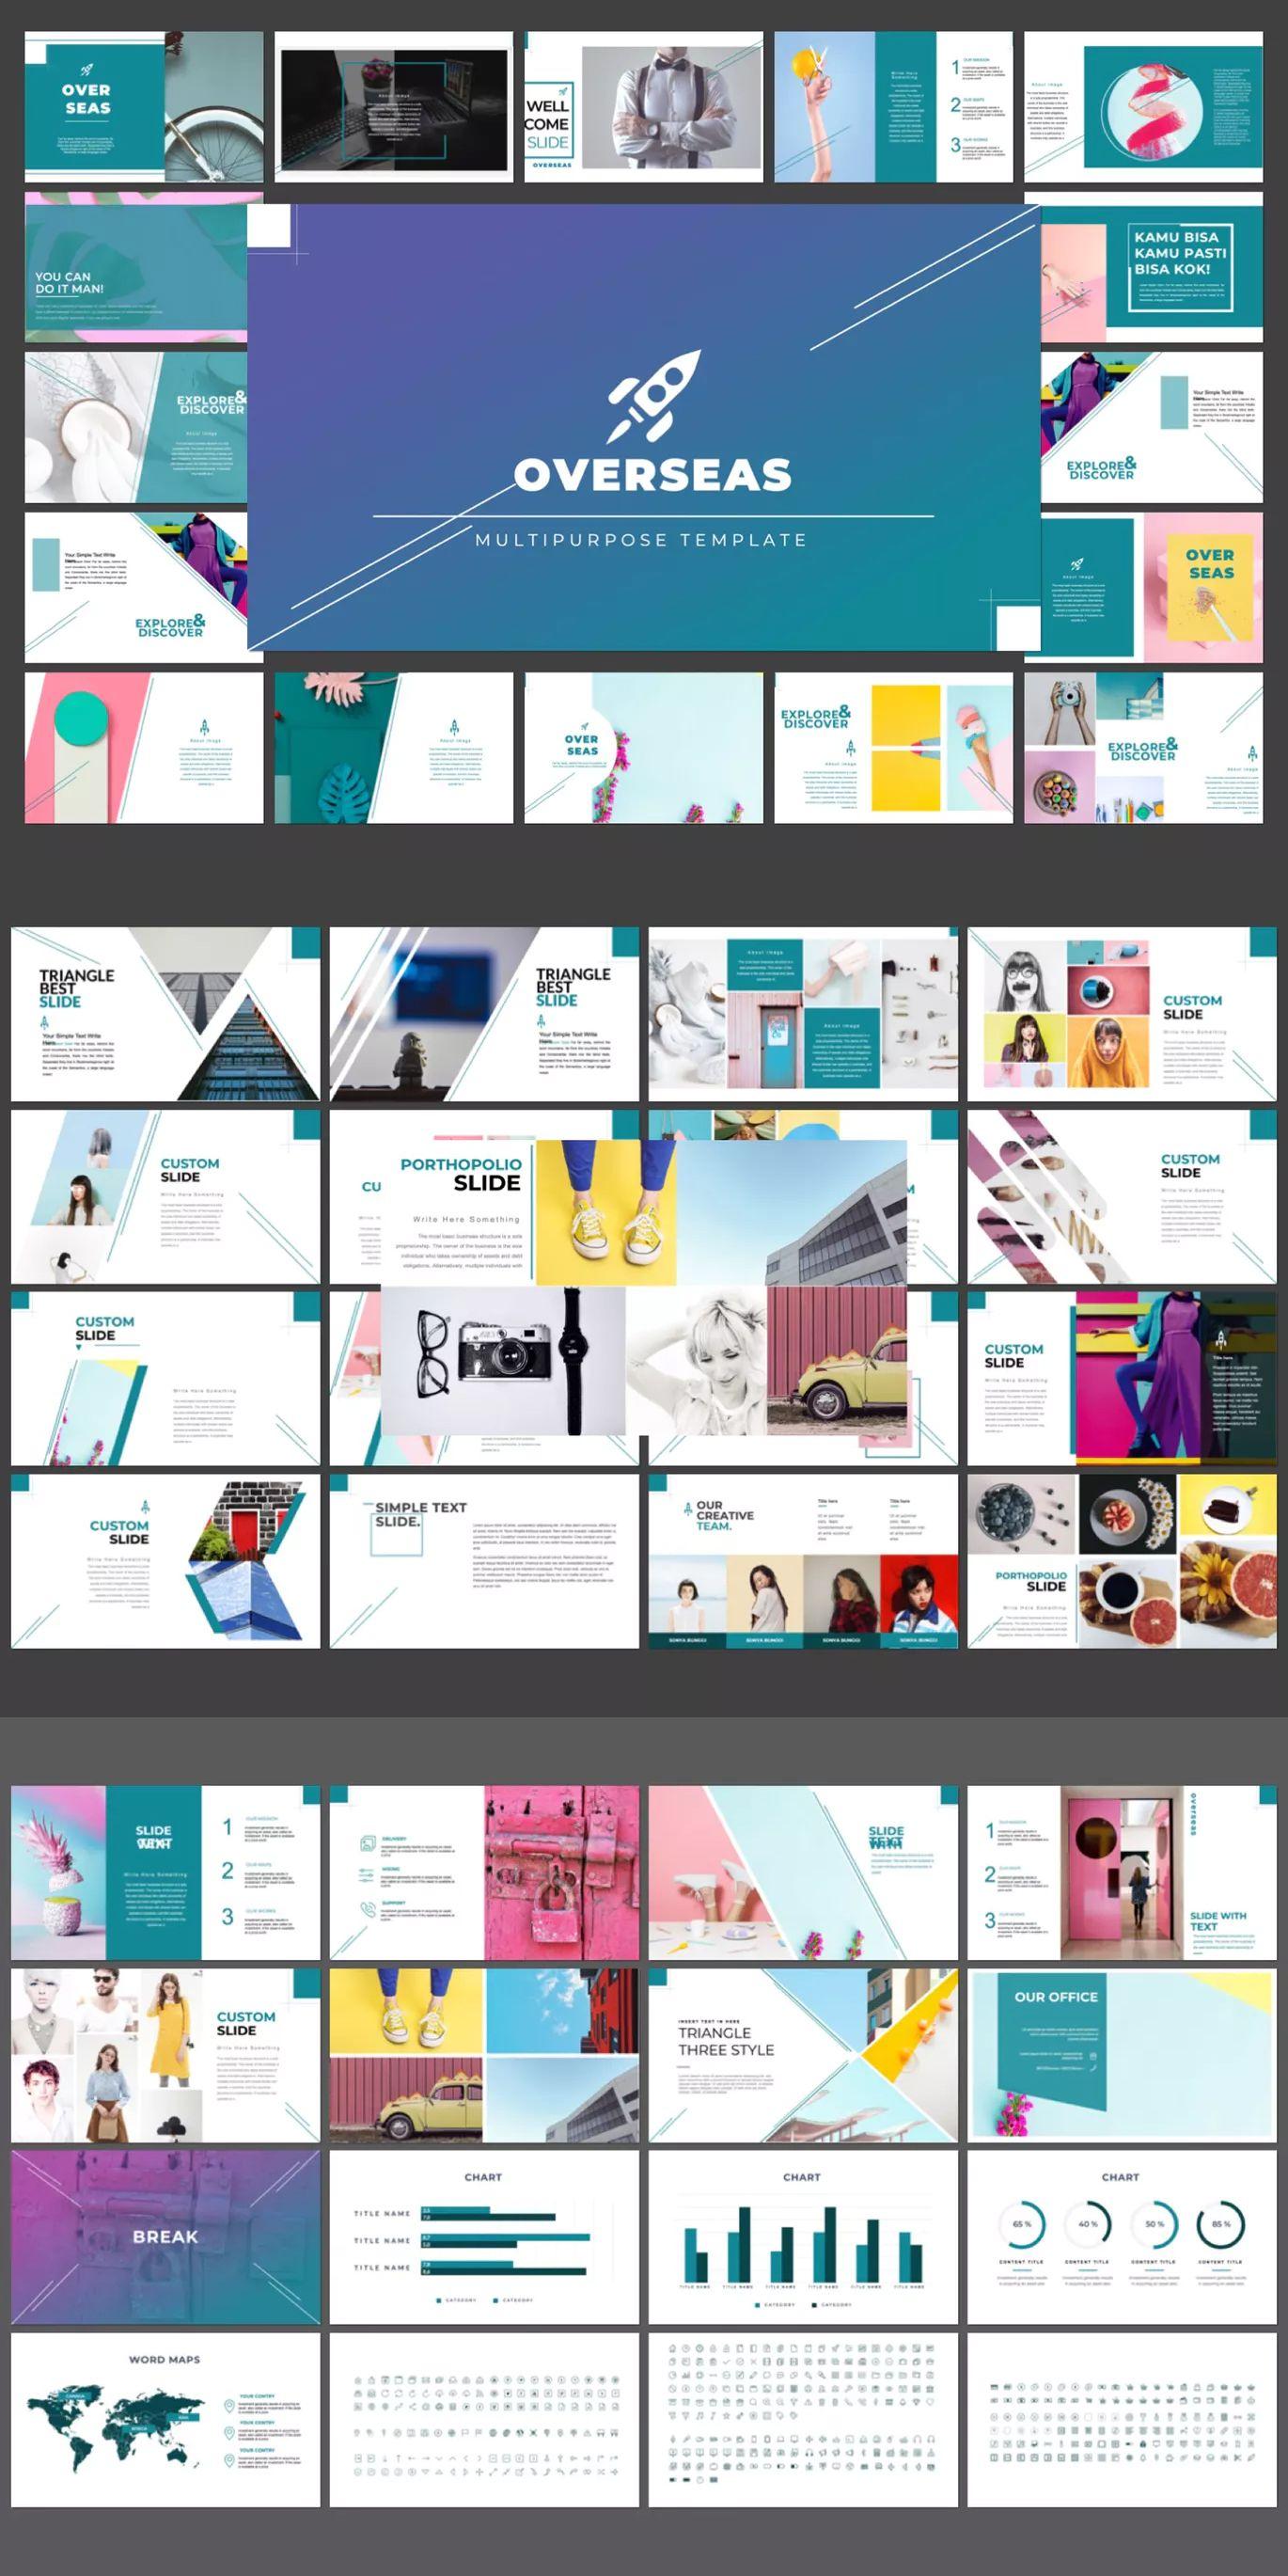 situs bikin logo ,membuat logo blog , membuat logo gratis